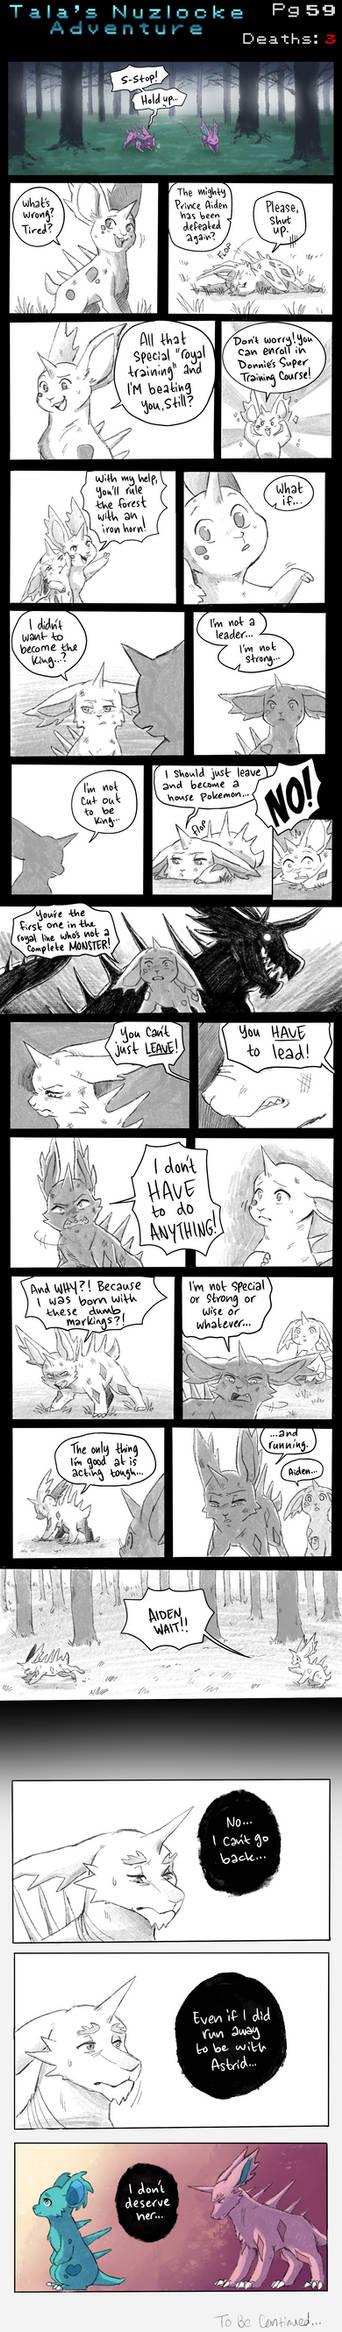 Tala's Nuzlocke Adventure pg59